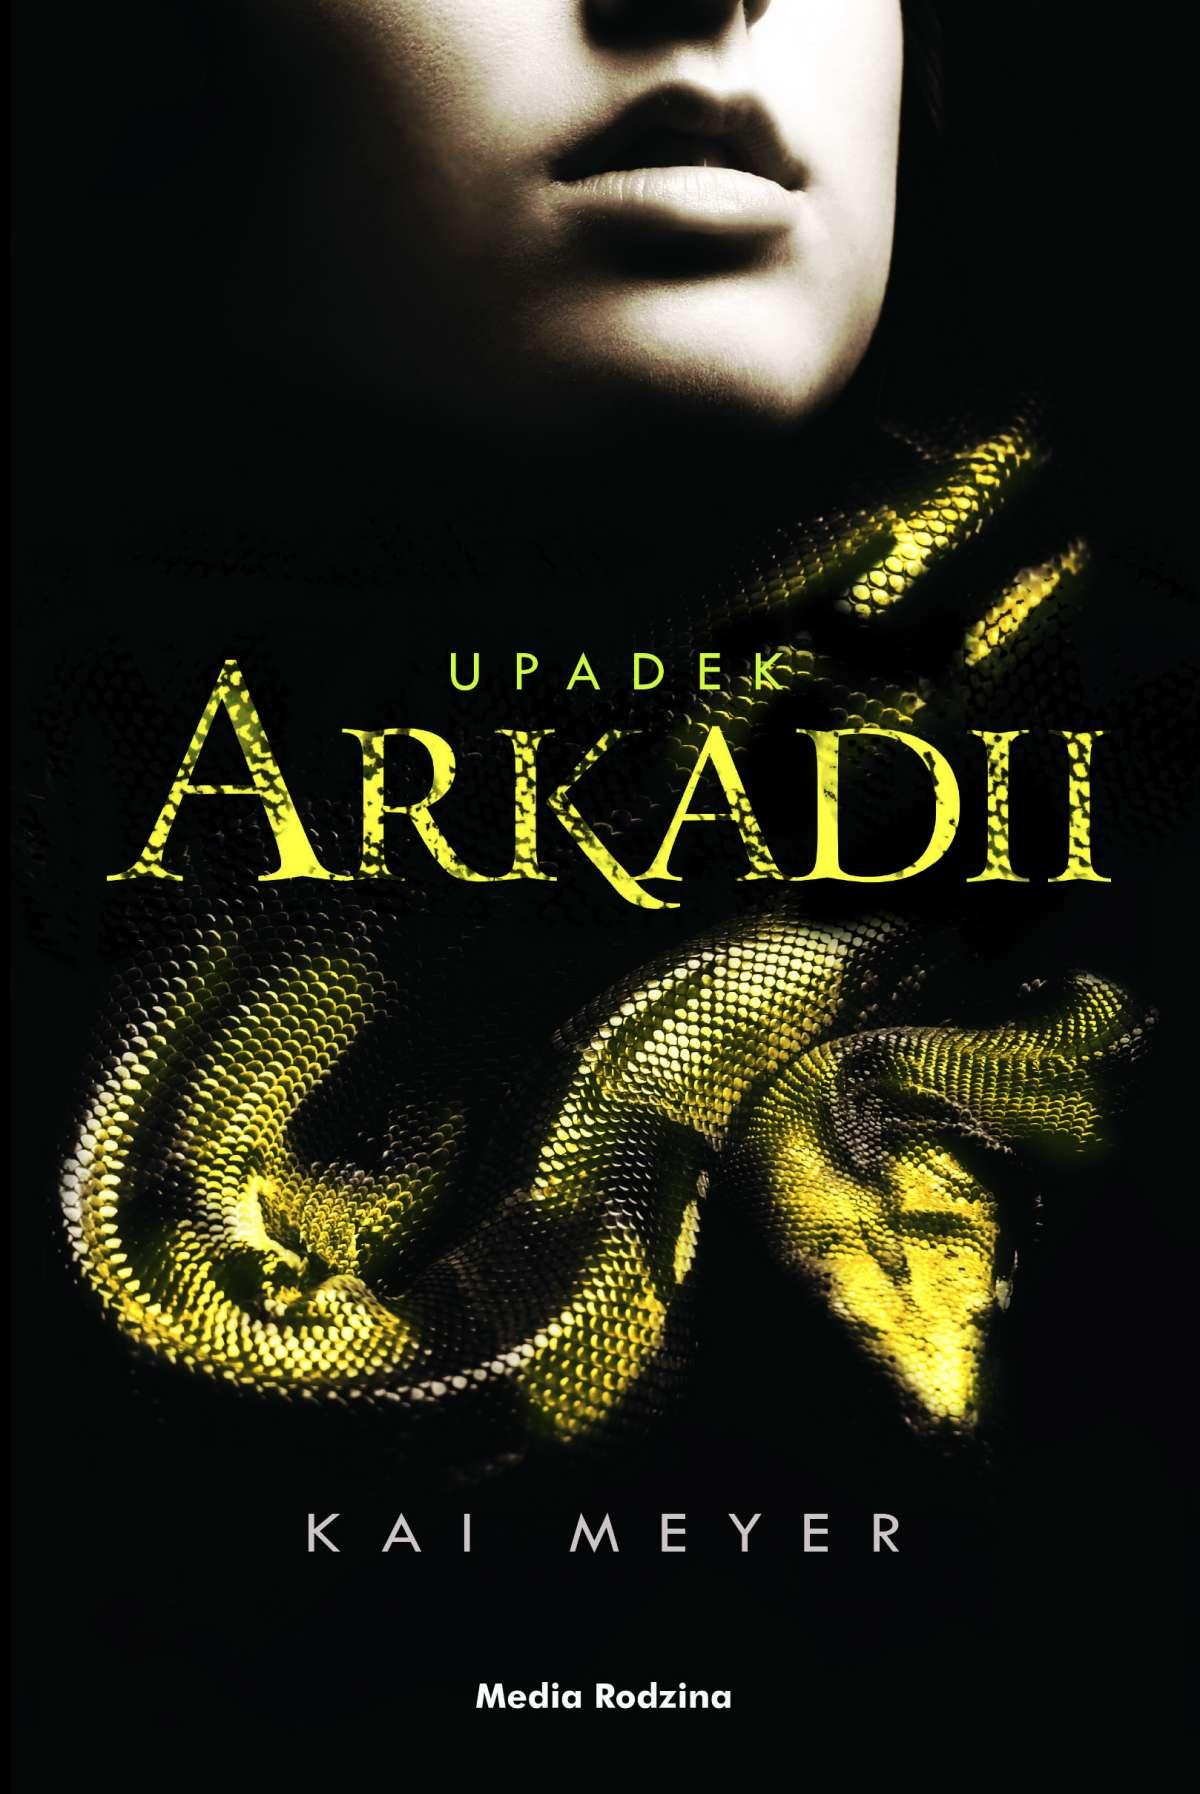 Upadek Arkadii - Ebook (Książka na Kindle) do pobrania w formacie MOBI